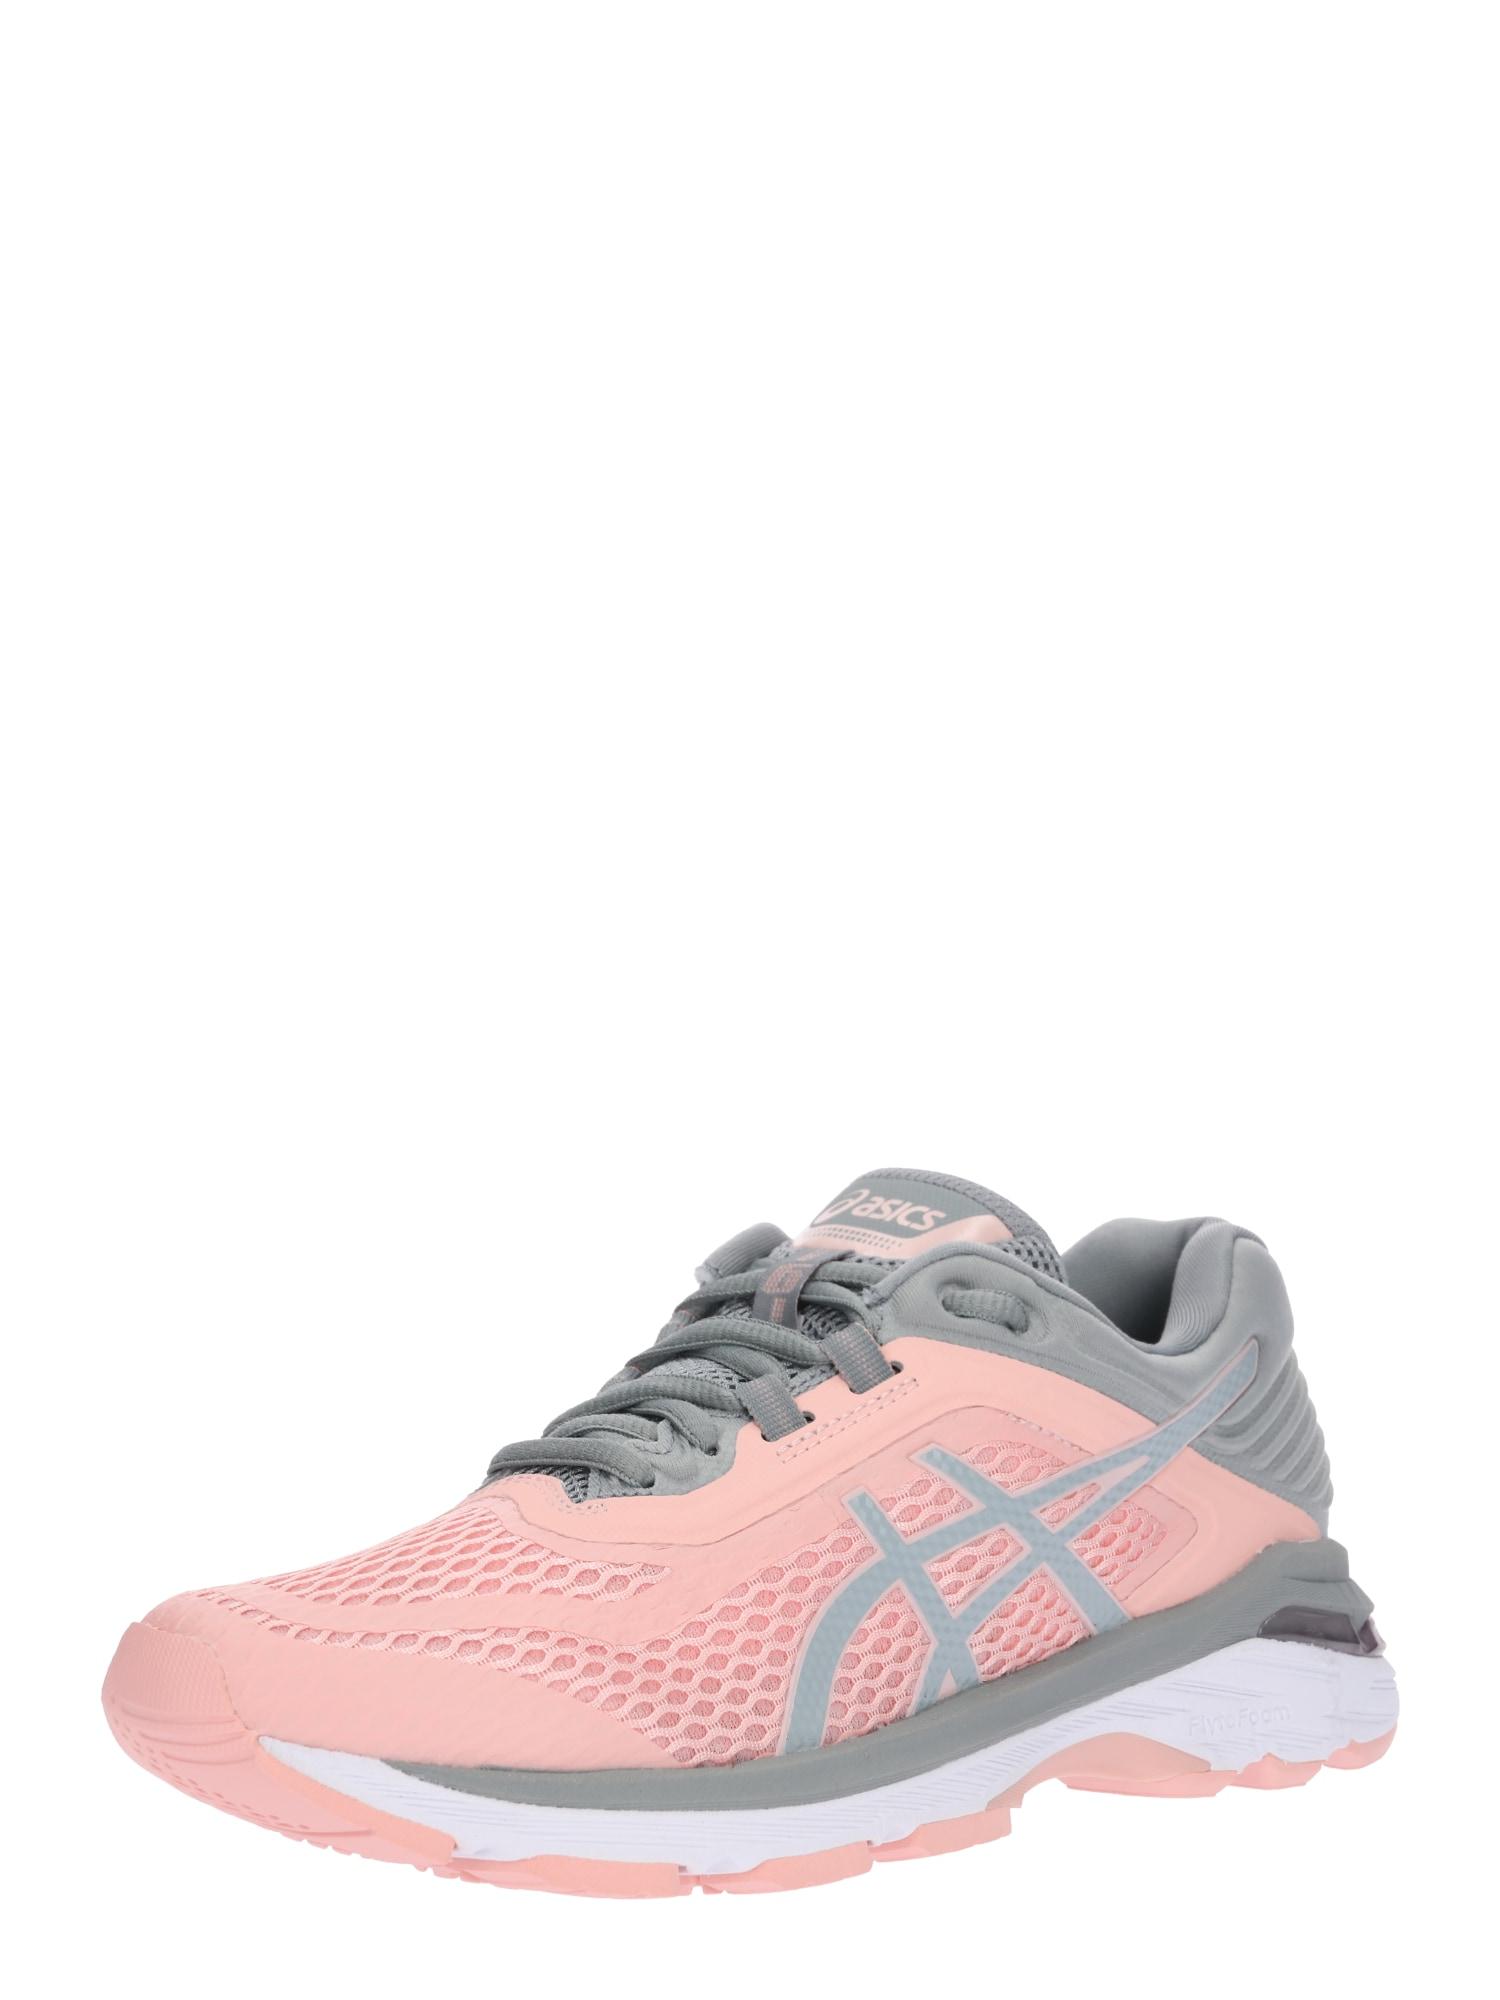 Sportovní boty GT-2000 6 kámen růžová ASICS